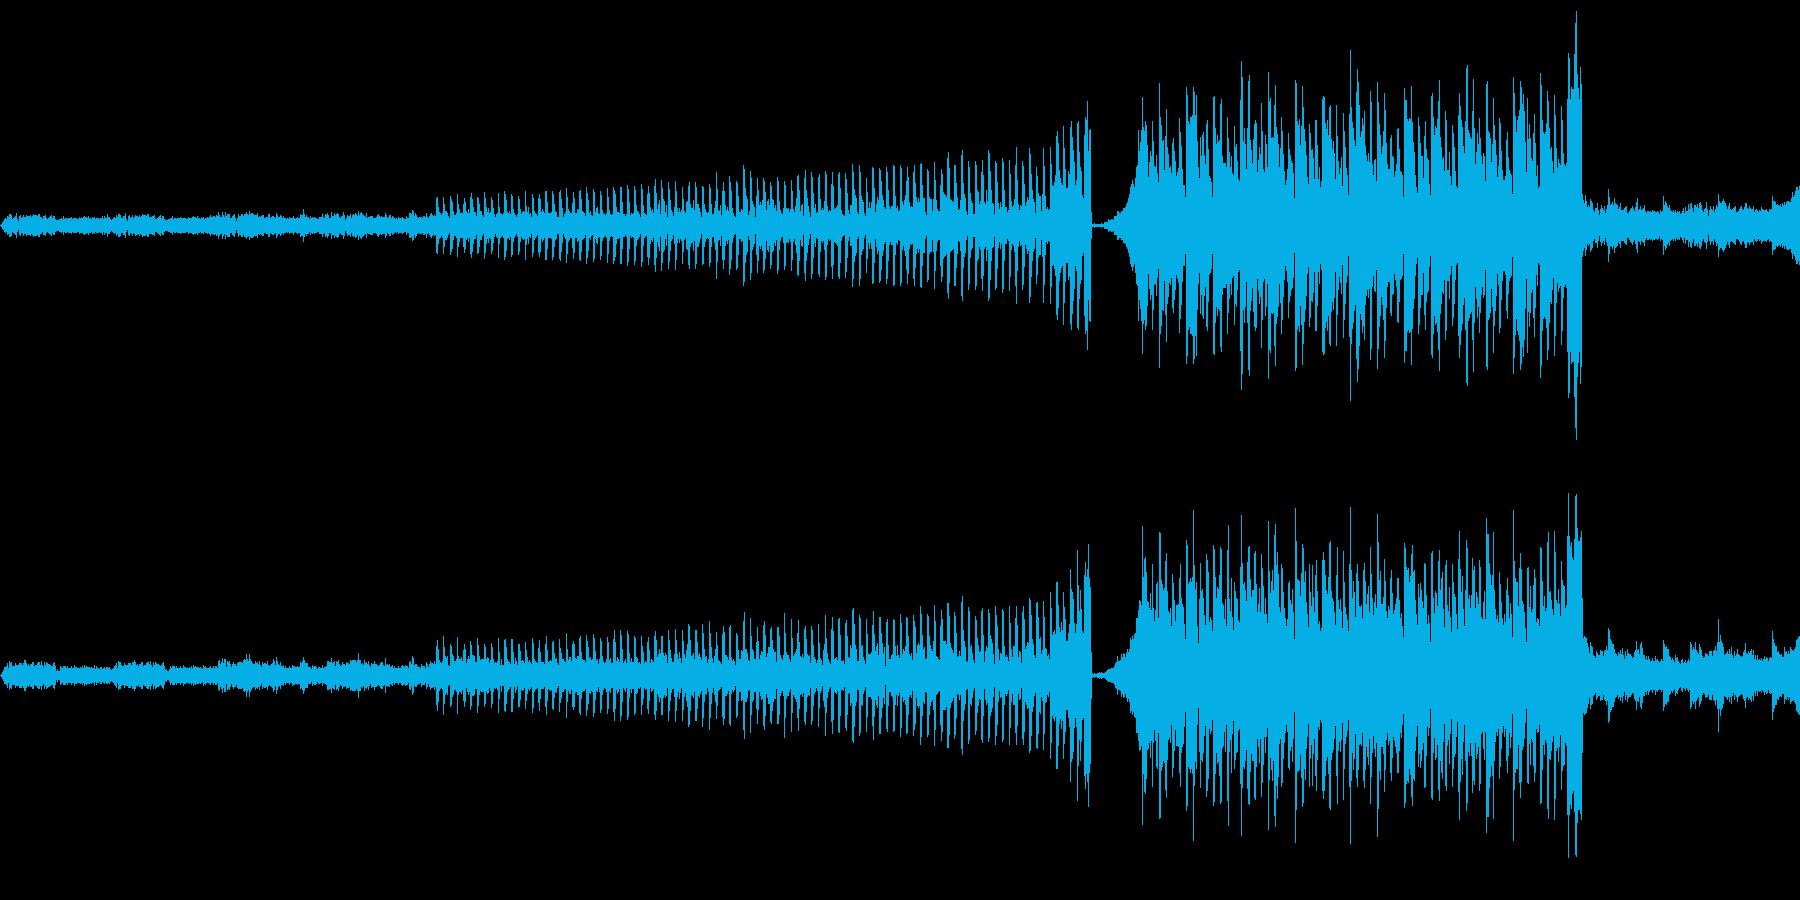 サンプリング音源を多用して実験的に制作…の再生済みの波形